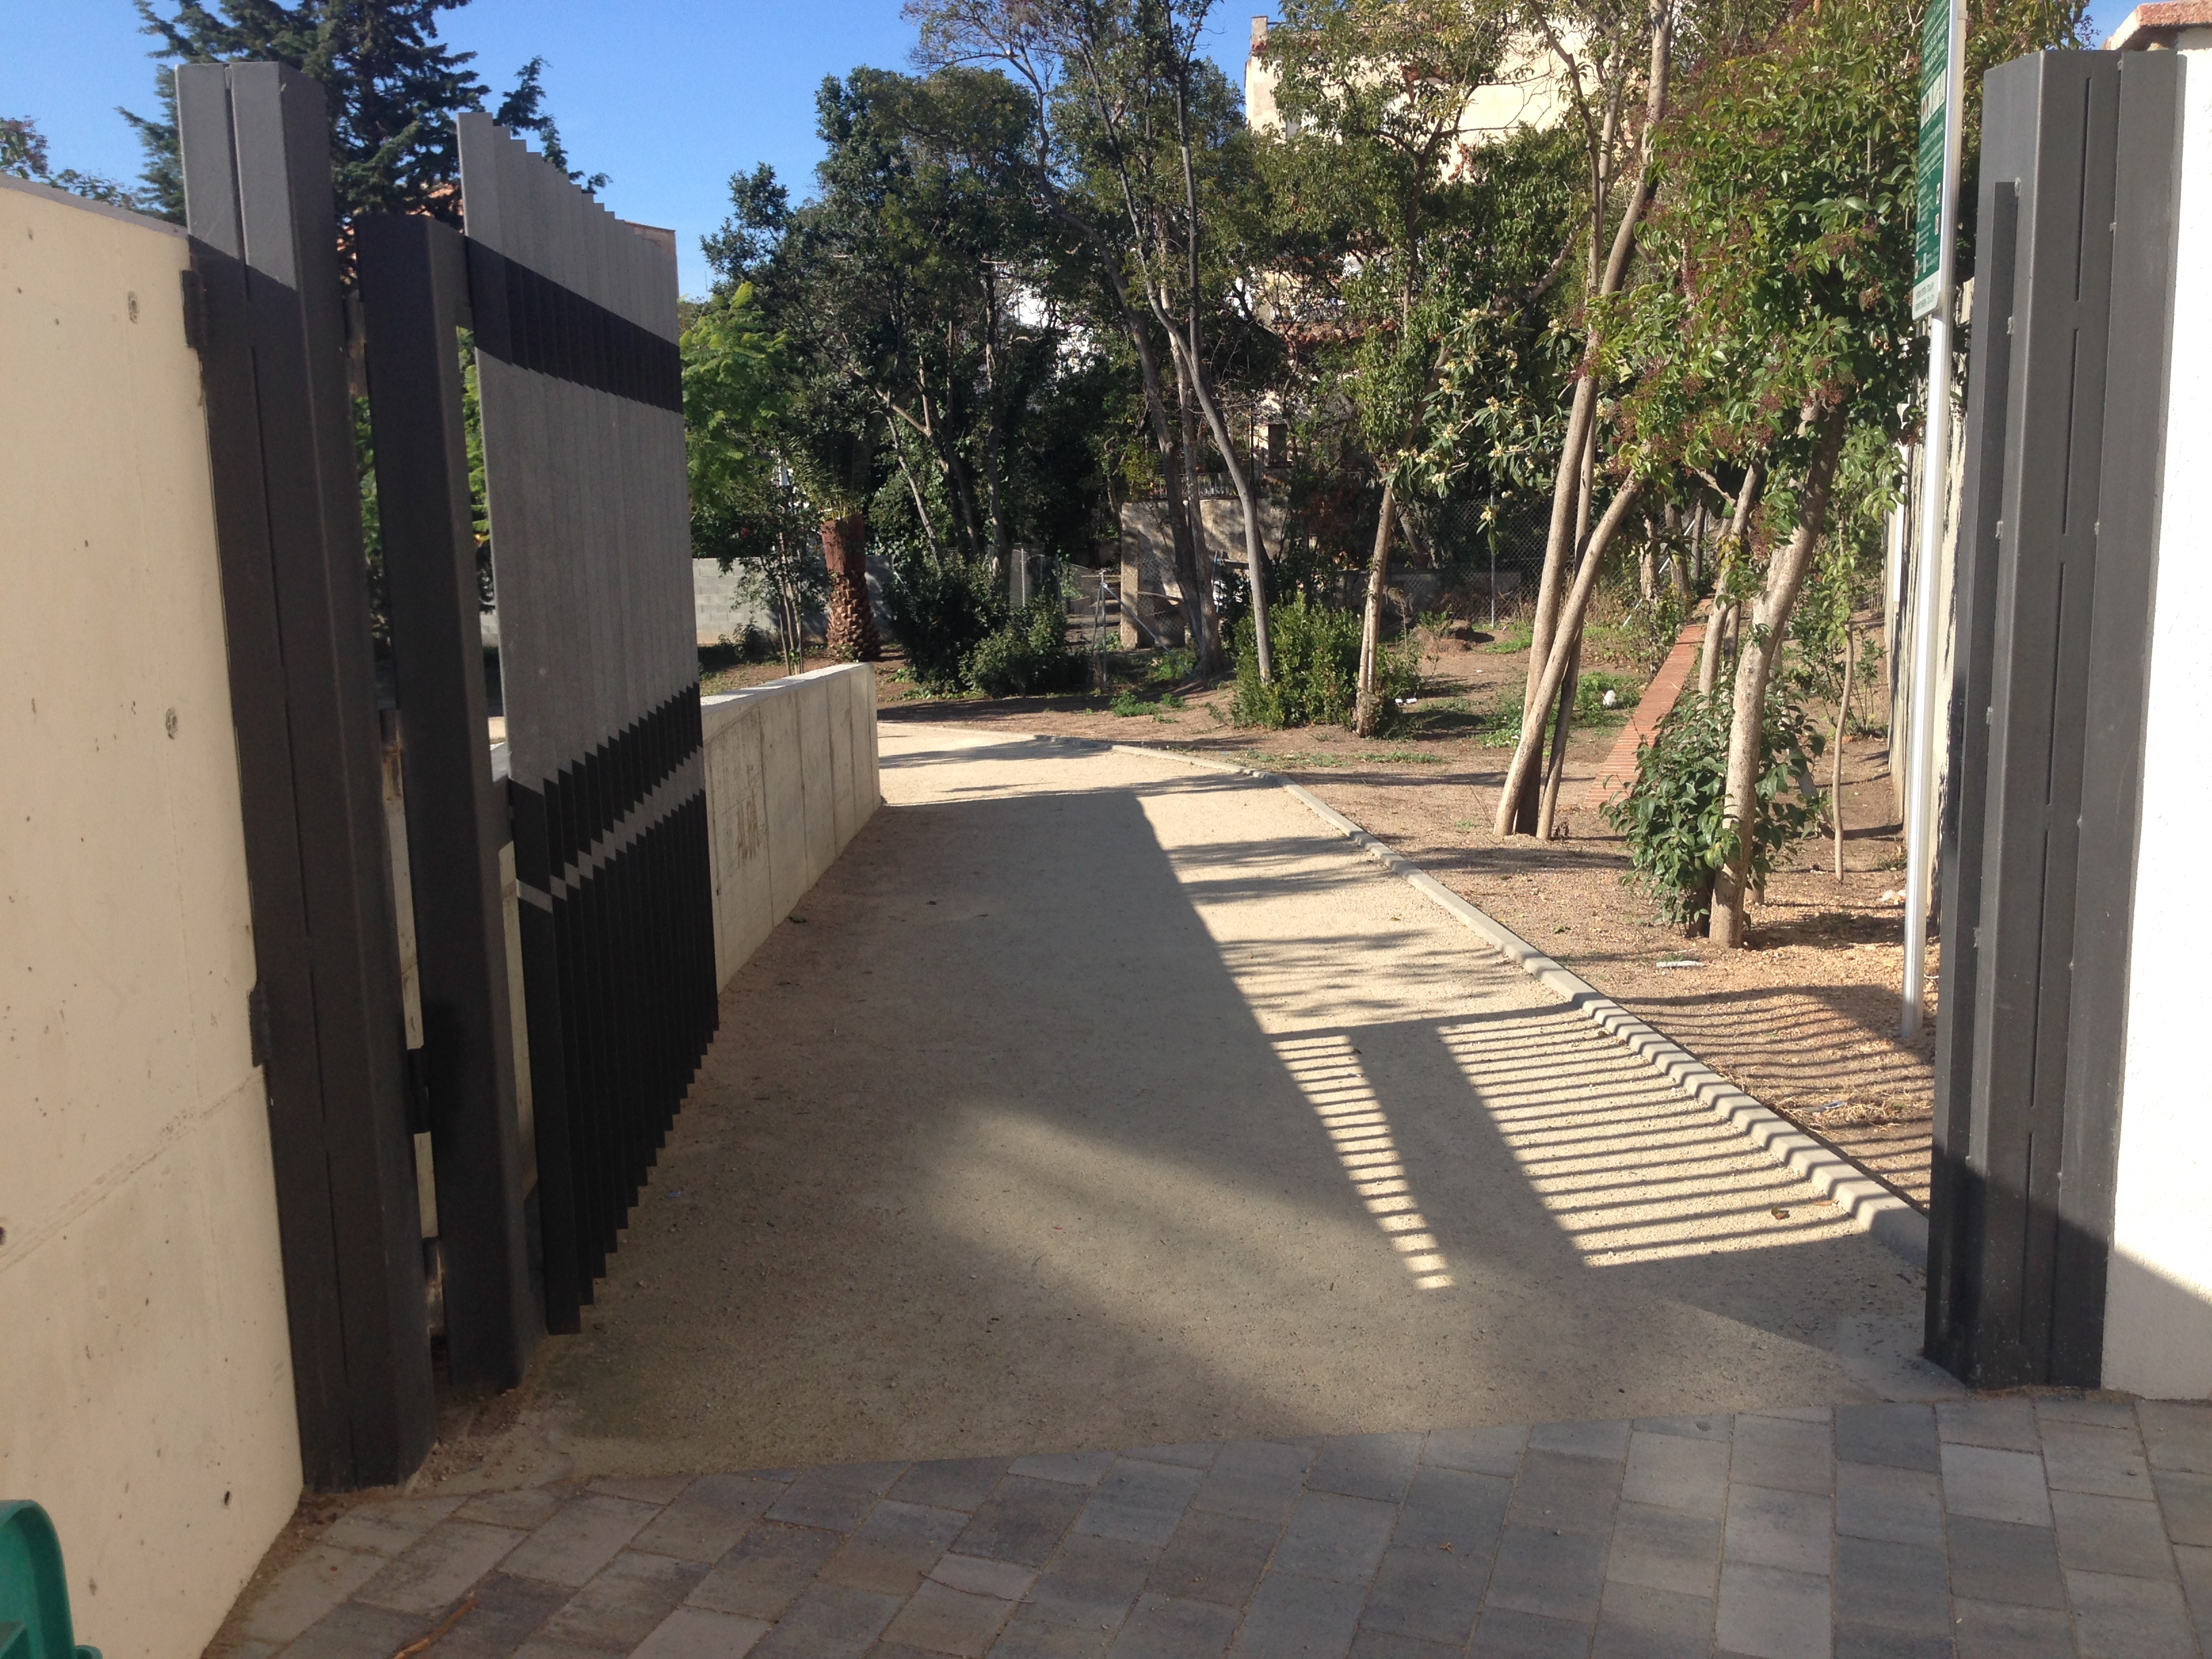 Parc Cal vives – Esparreguera